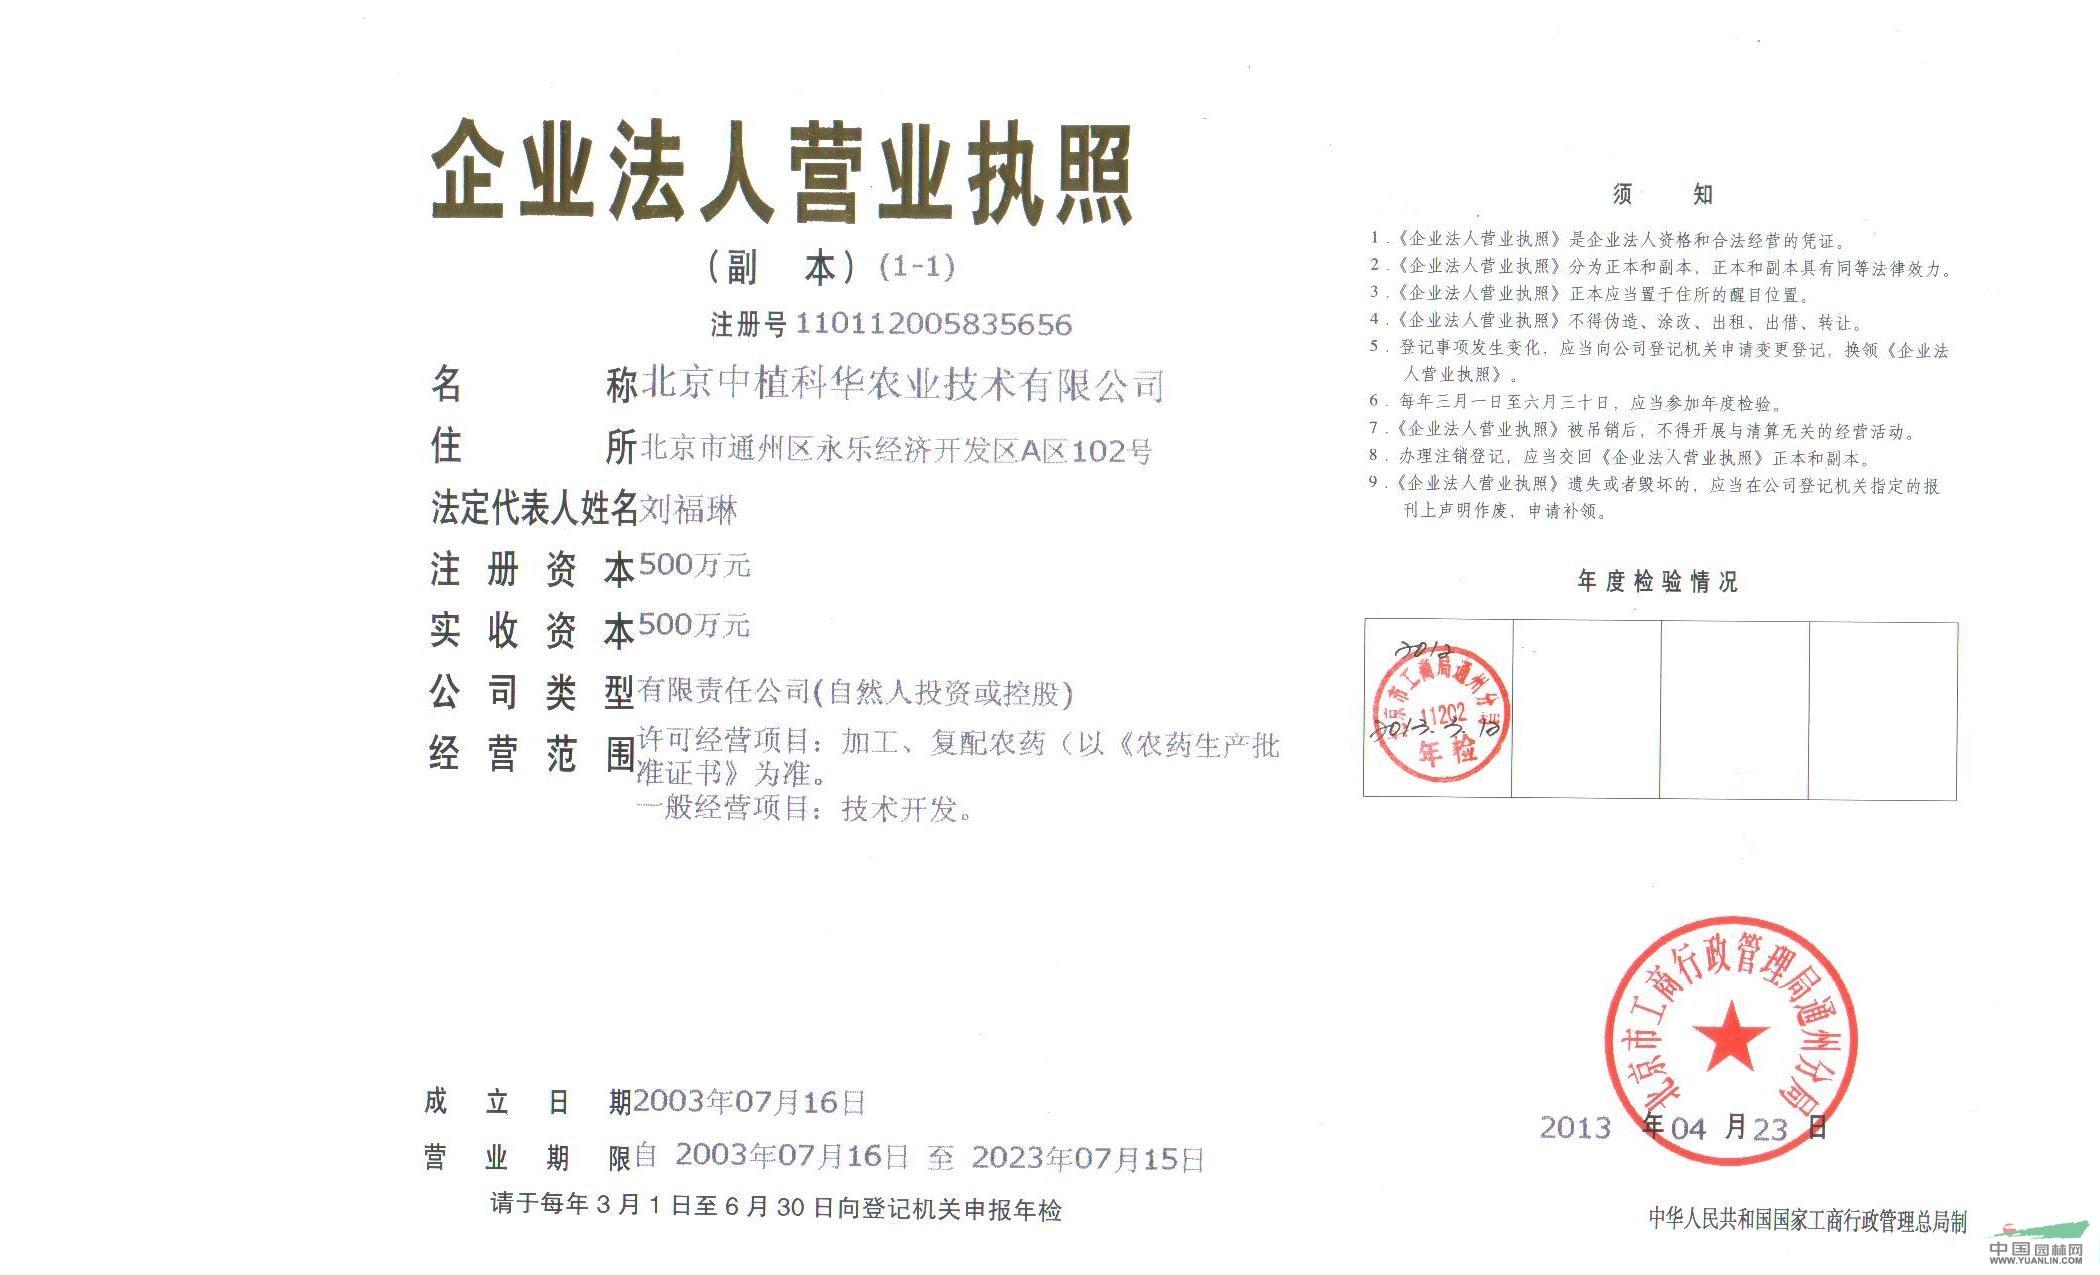 北京中植科华农业技术有限公司